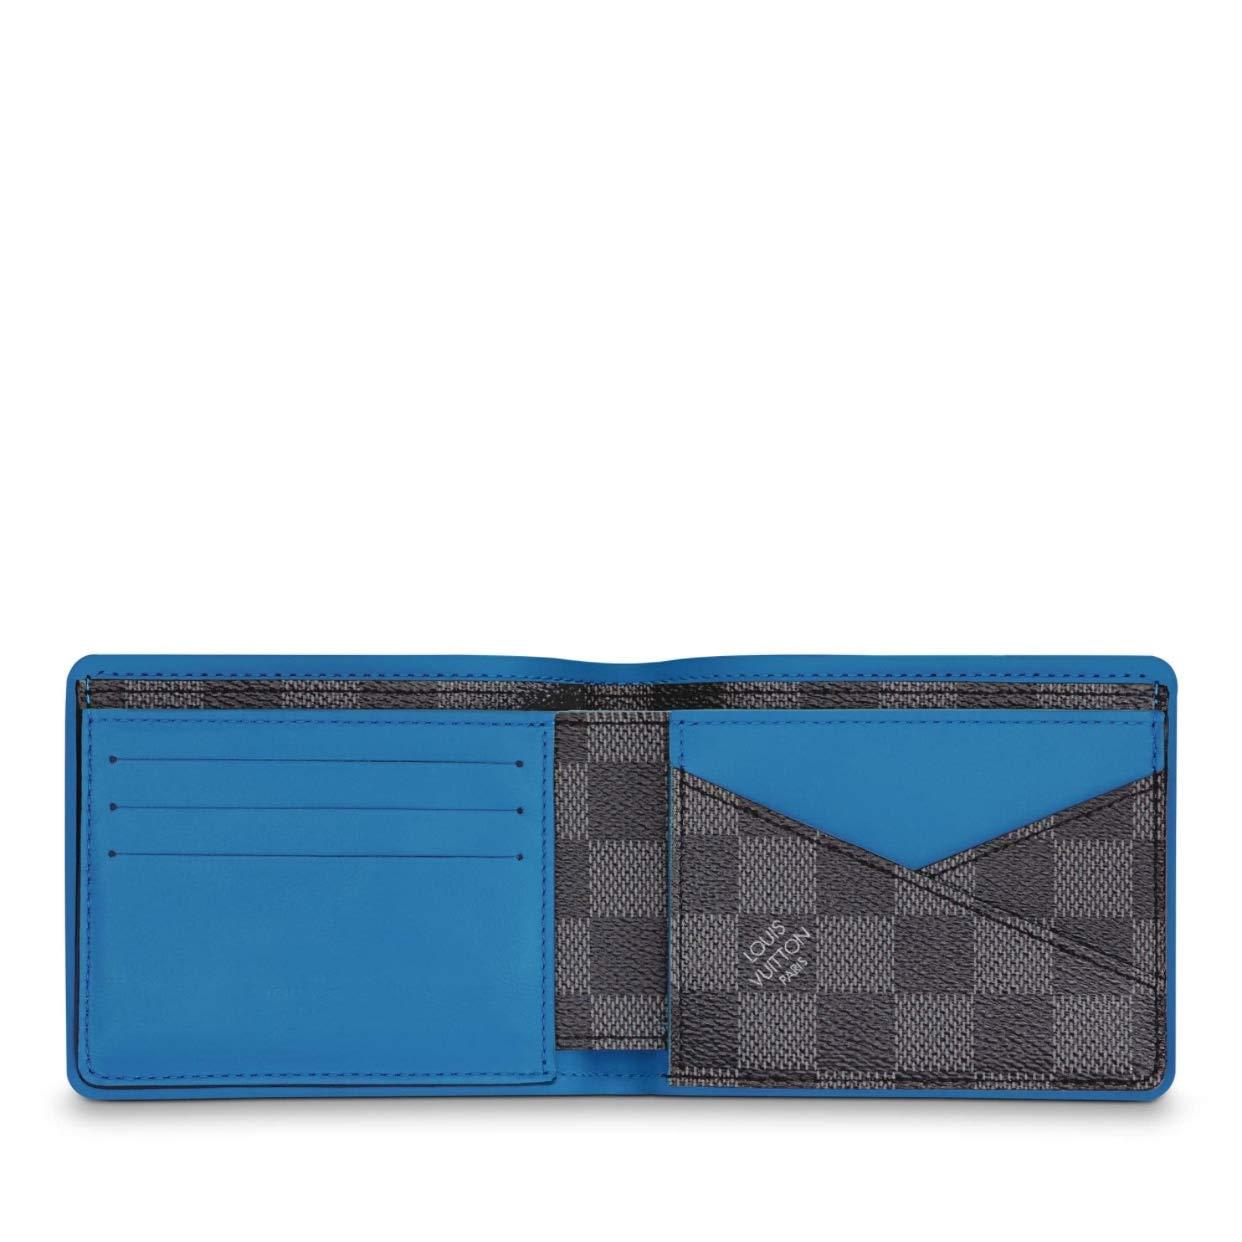 Amazon.com: Louis Vuitton Damier N64434 - Cartera de neón ...